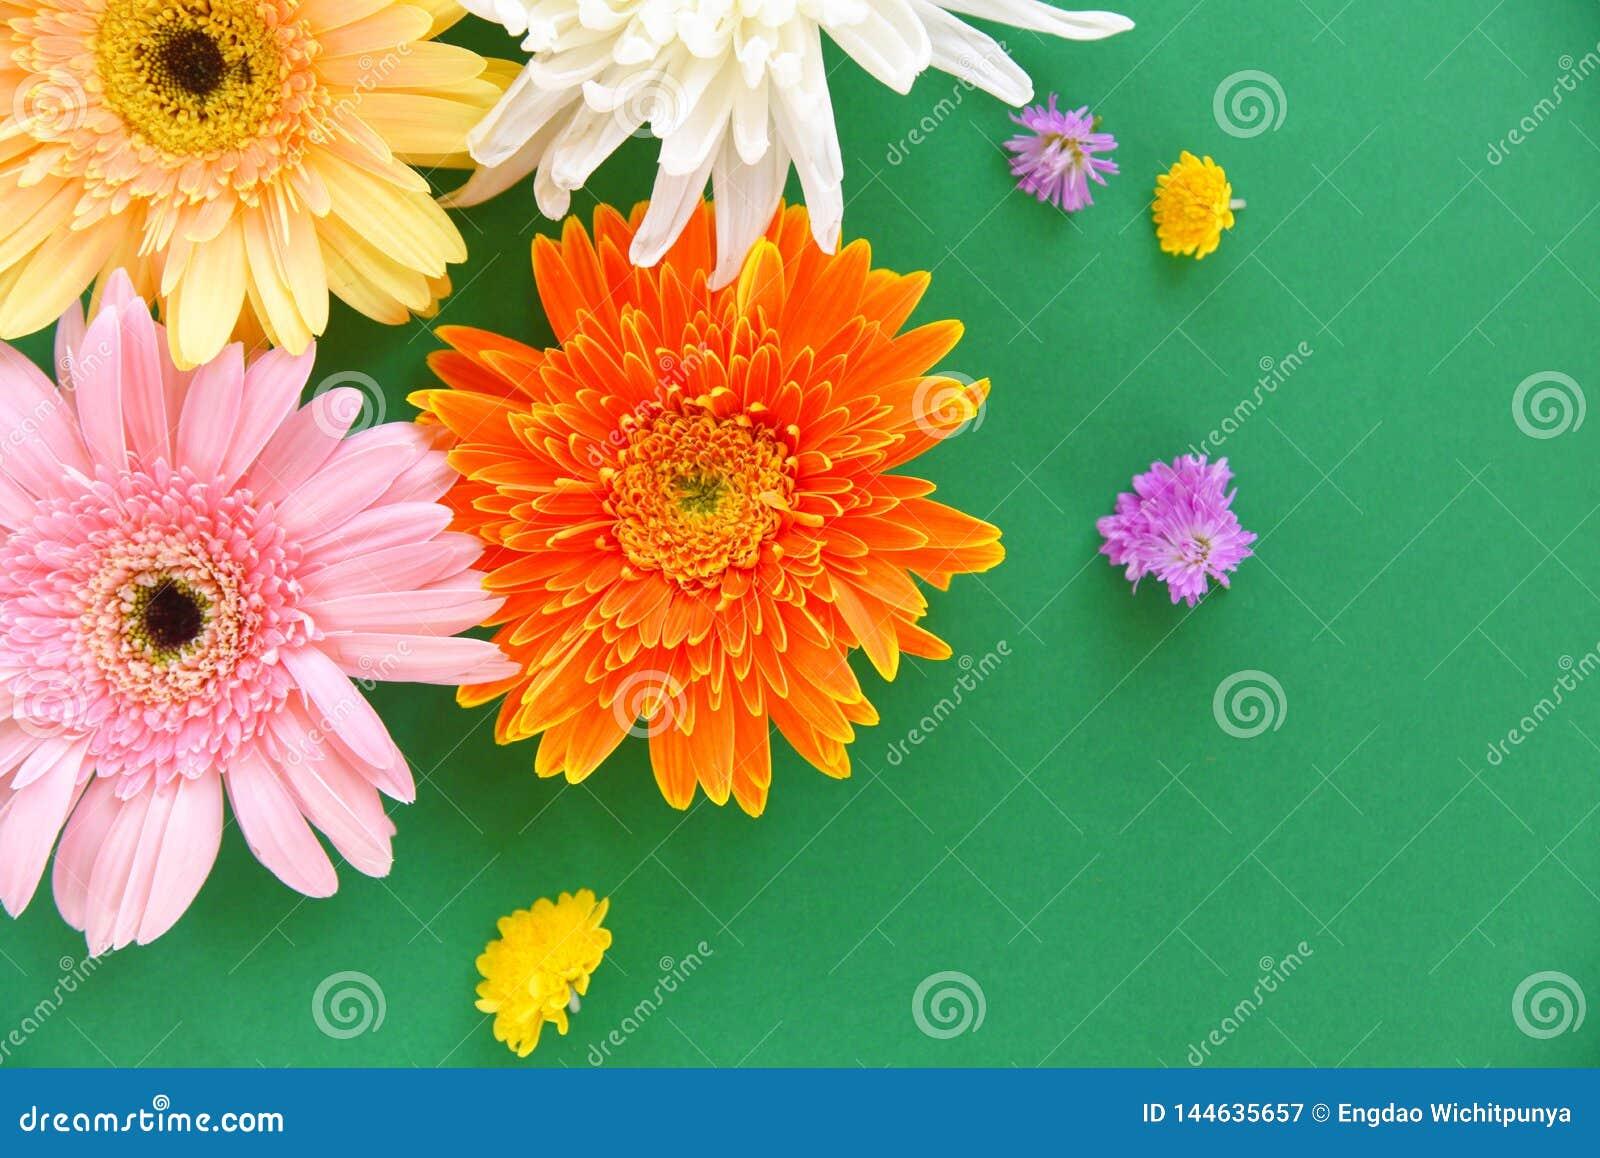 五颜六色的大丁草春天花夏天美好开花在绿色背景-舱内甲板位置顶视图